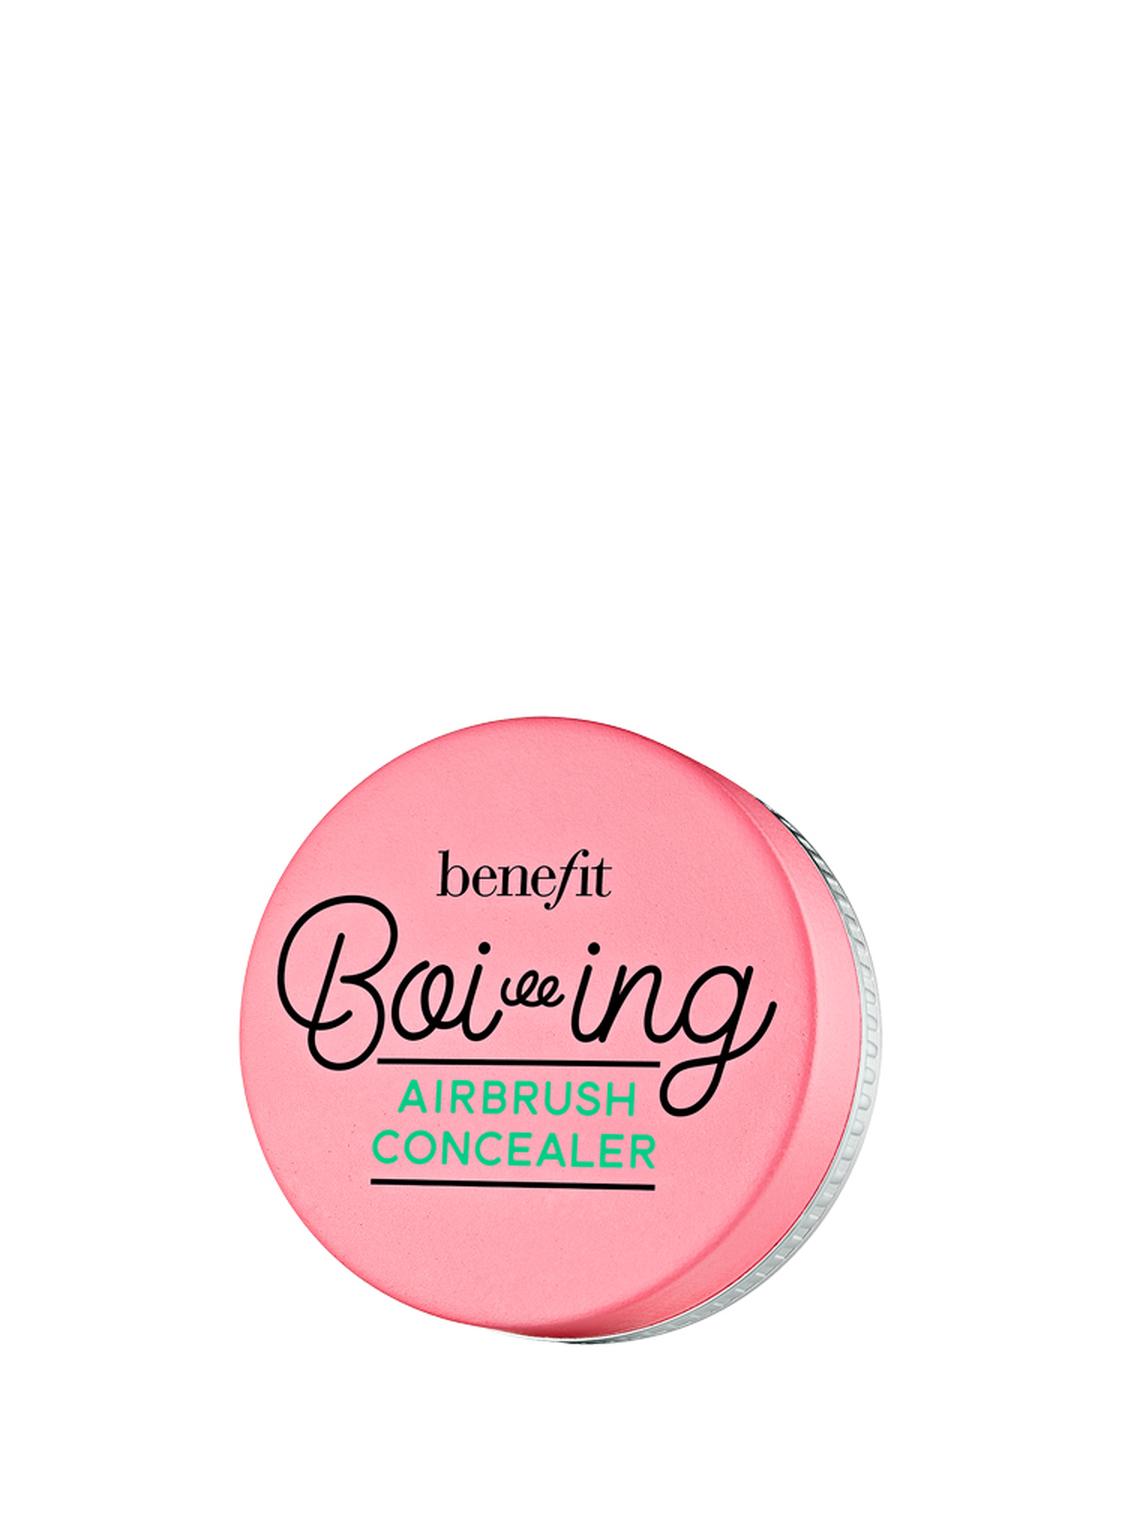 Image of Benefit Boi-Ing Airbrush Concealer